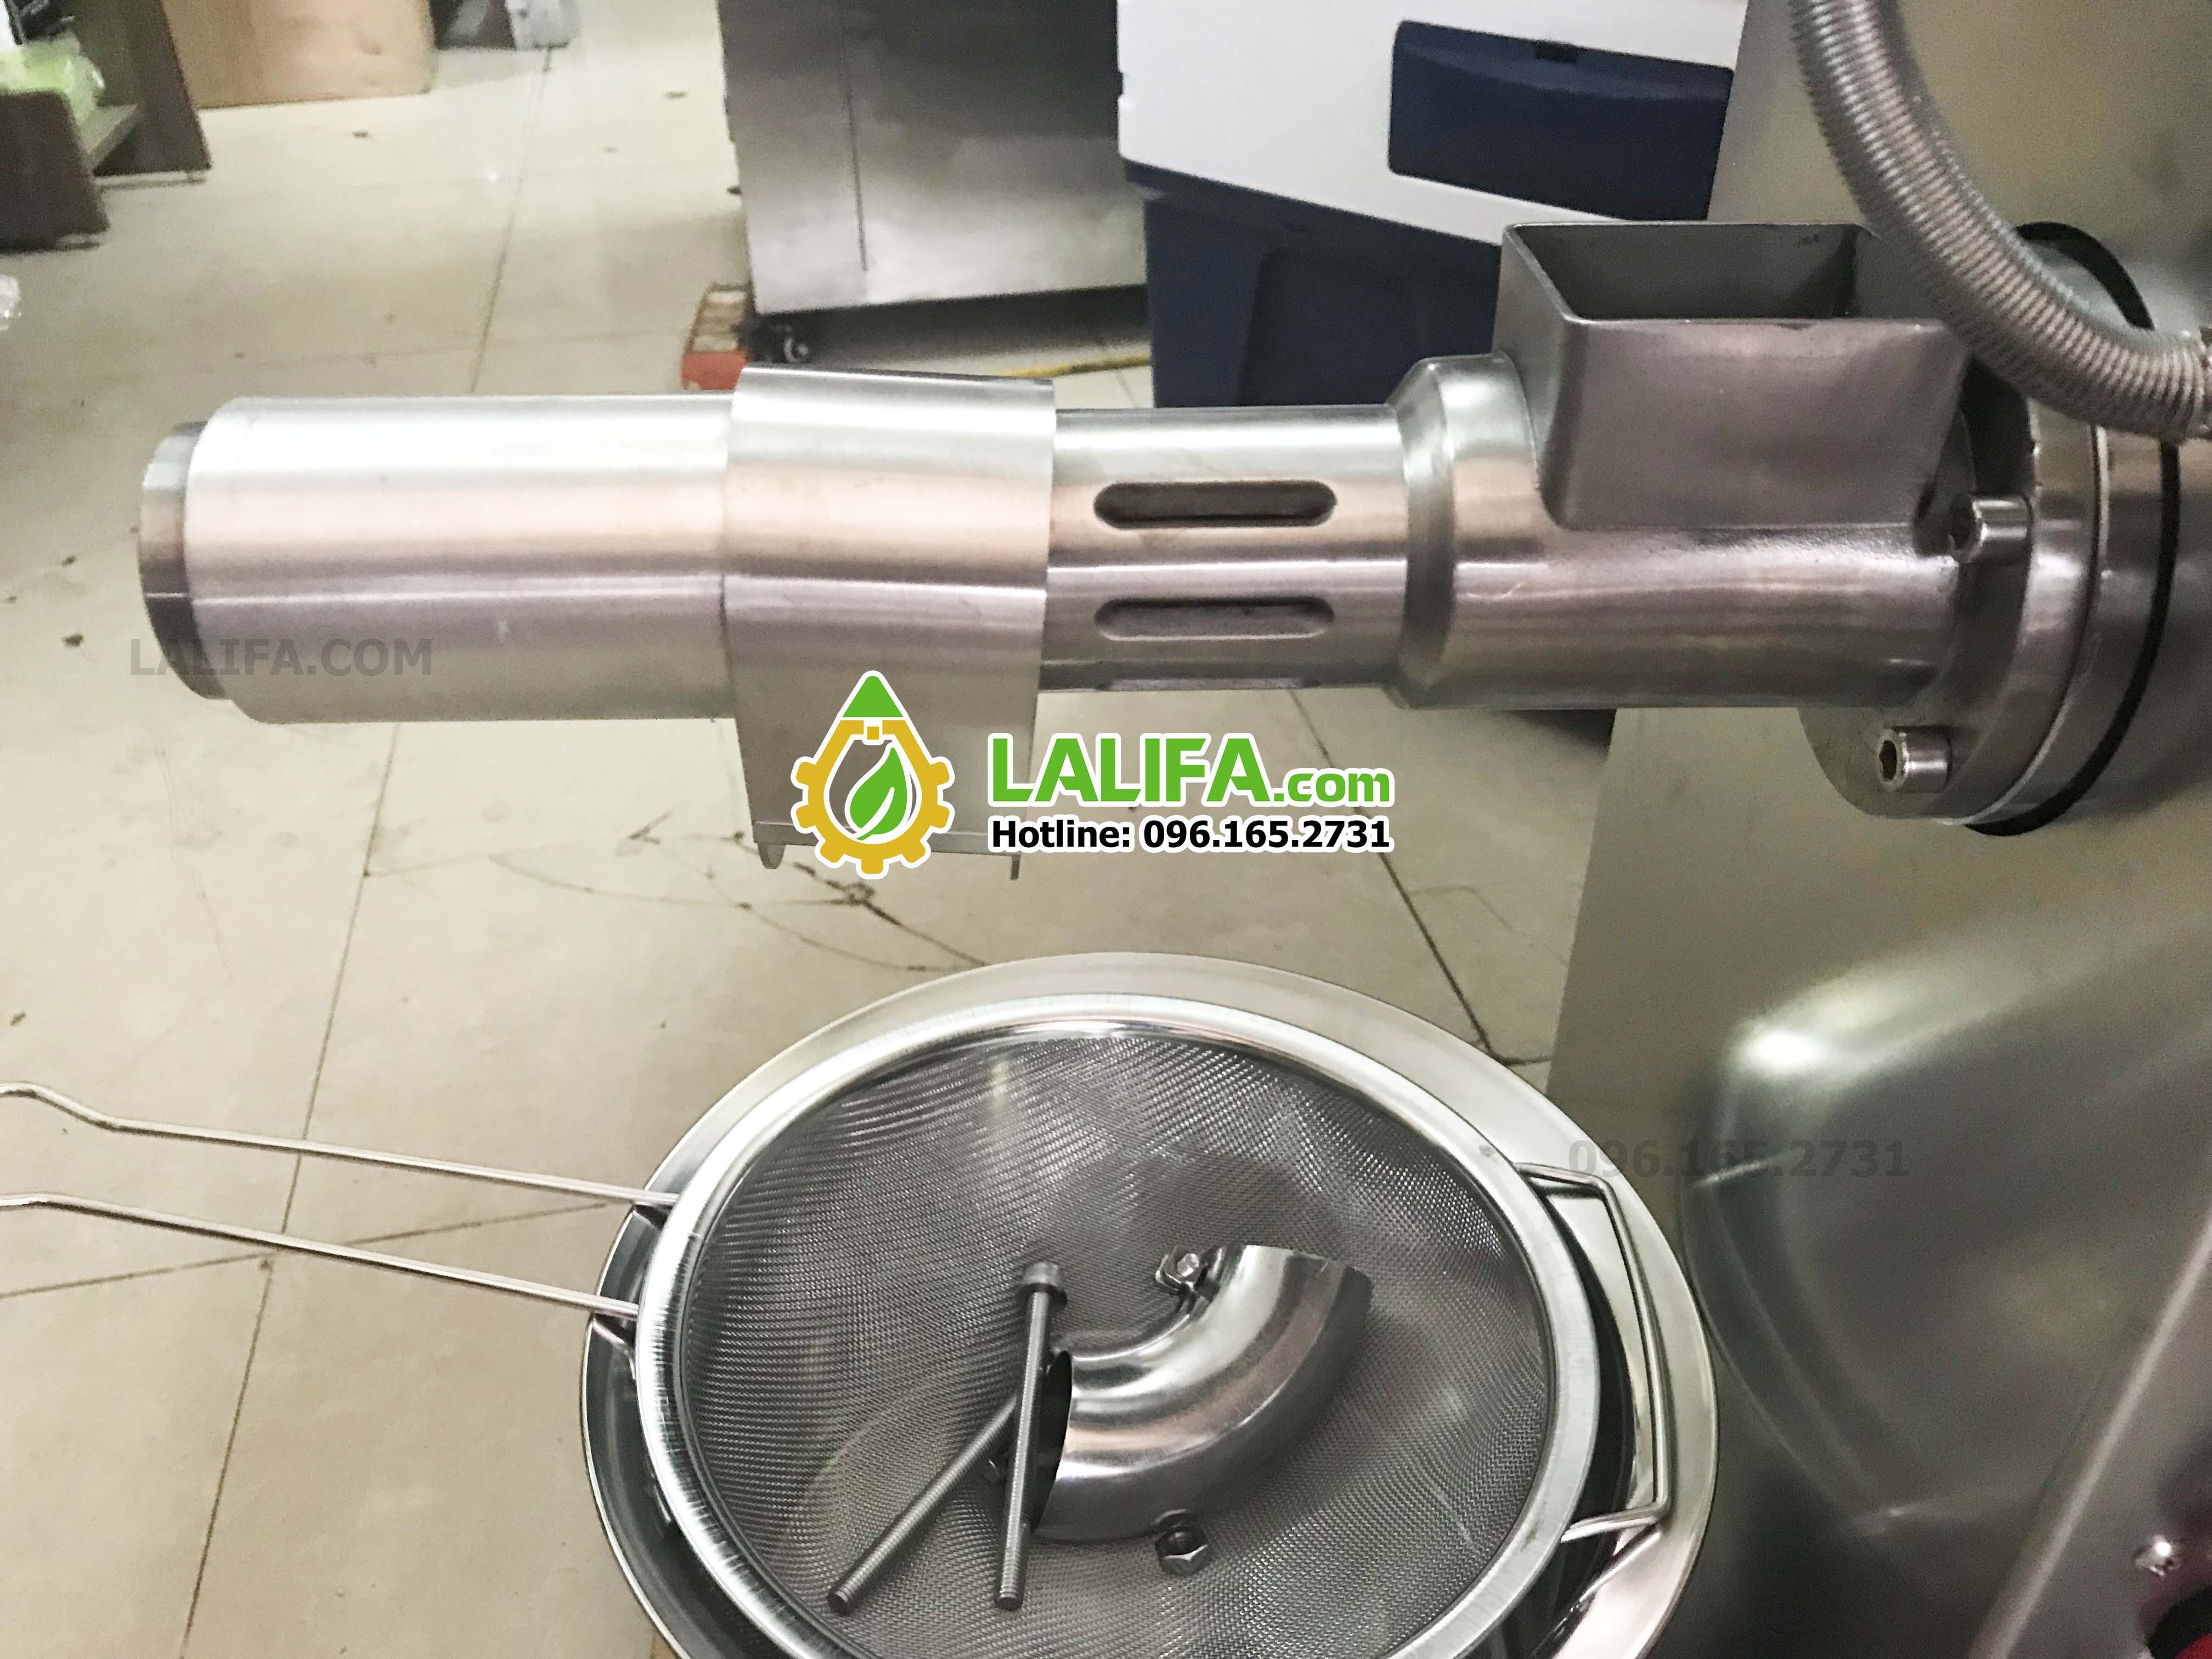 Máy ép dầu Lạc Lalifa21 10-20kg/h - 10